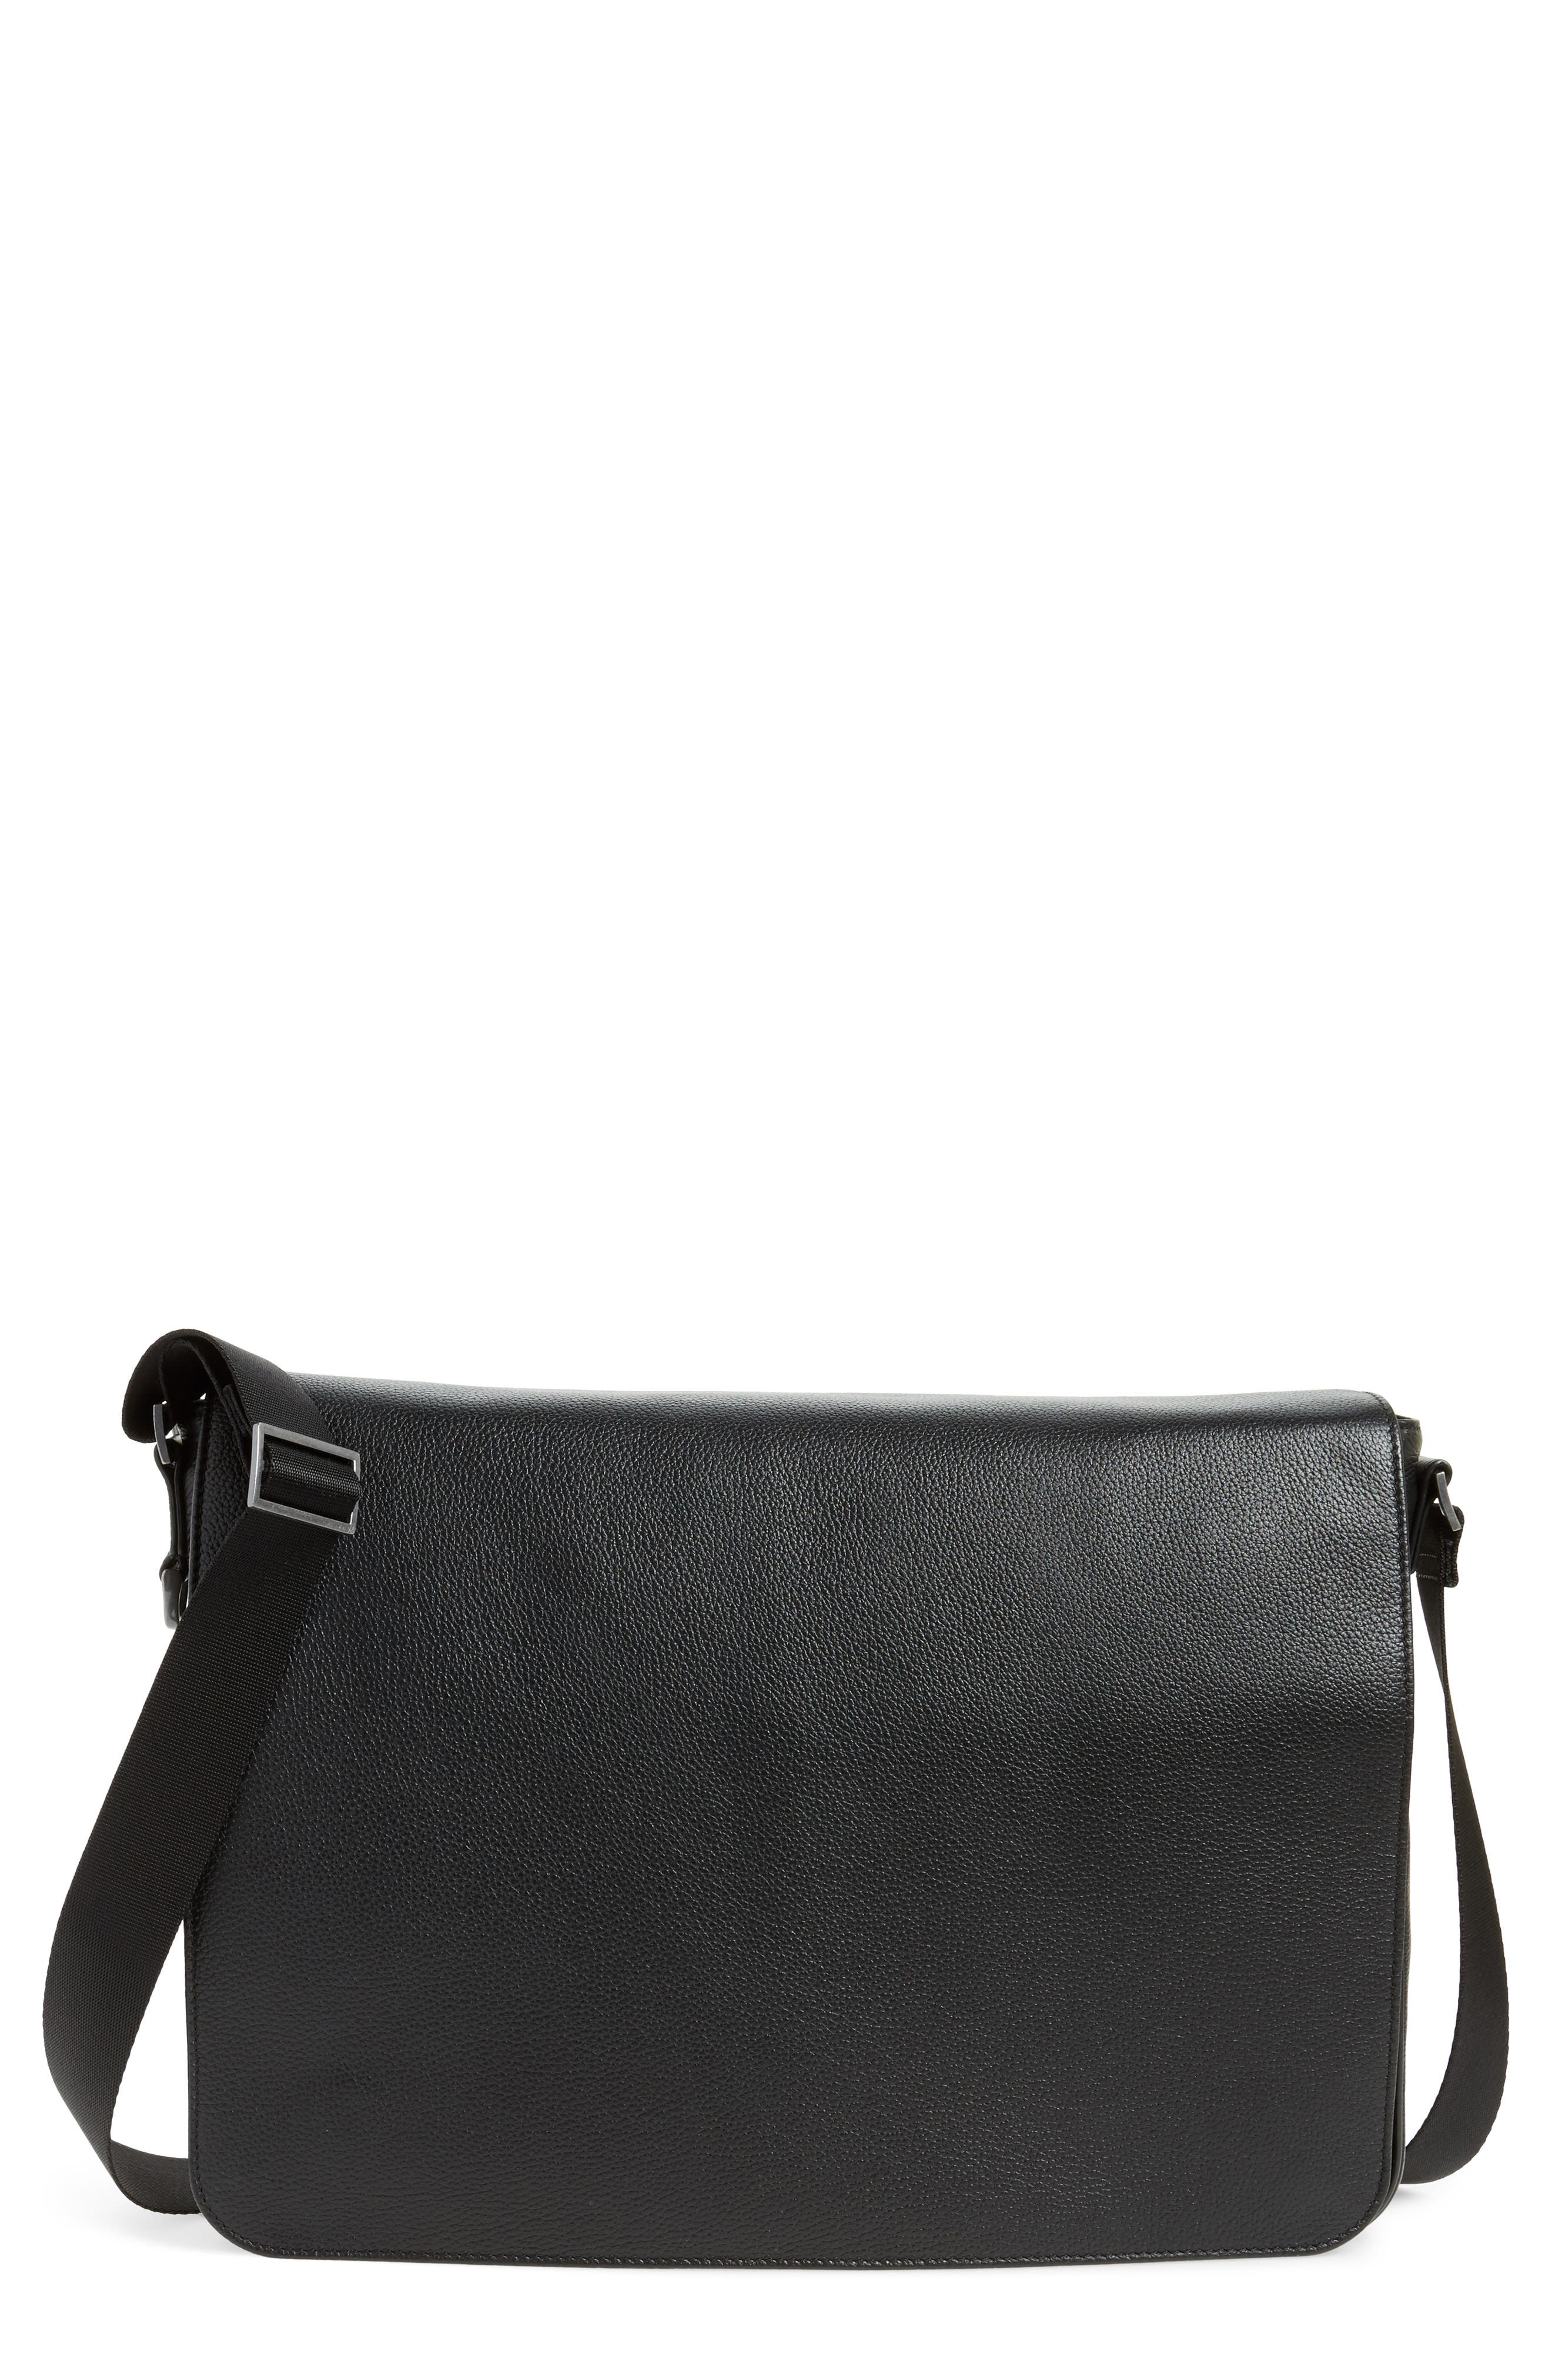 Midland Leather Messenger Bag,                         Main,                         color, 001